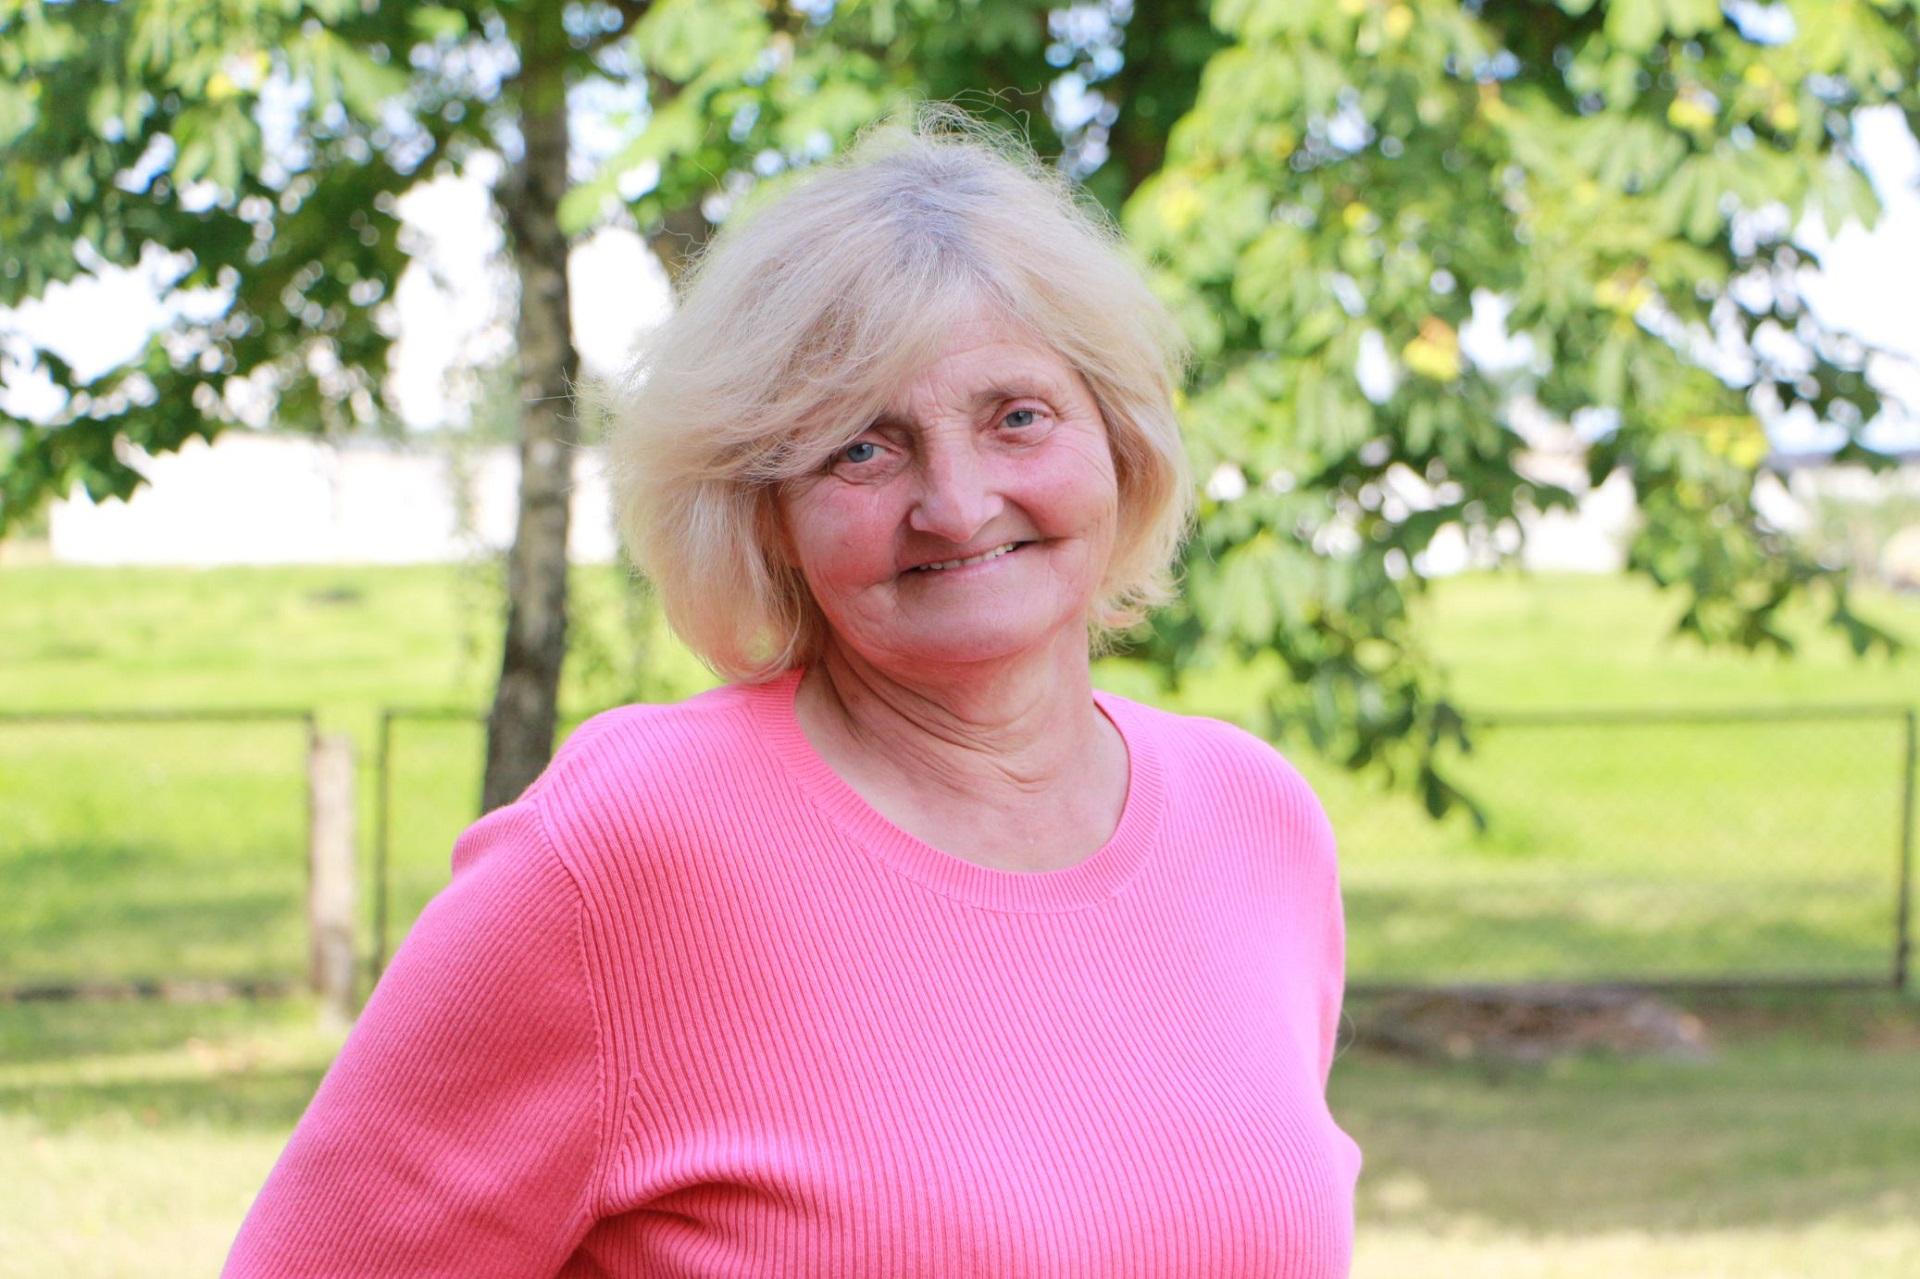 Eleną Burbienę į Petkūnus atvijo darbas.